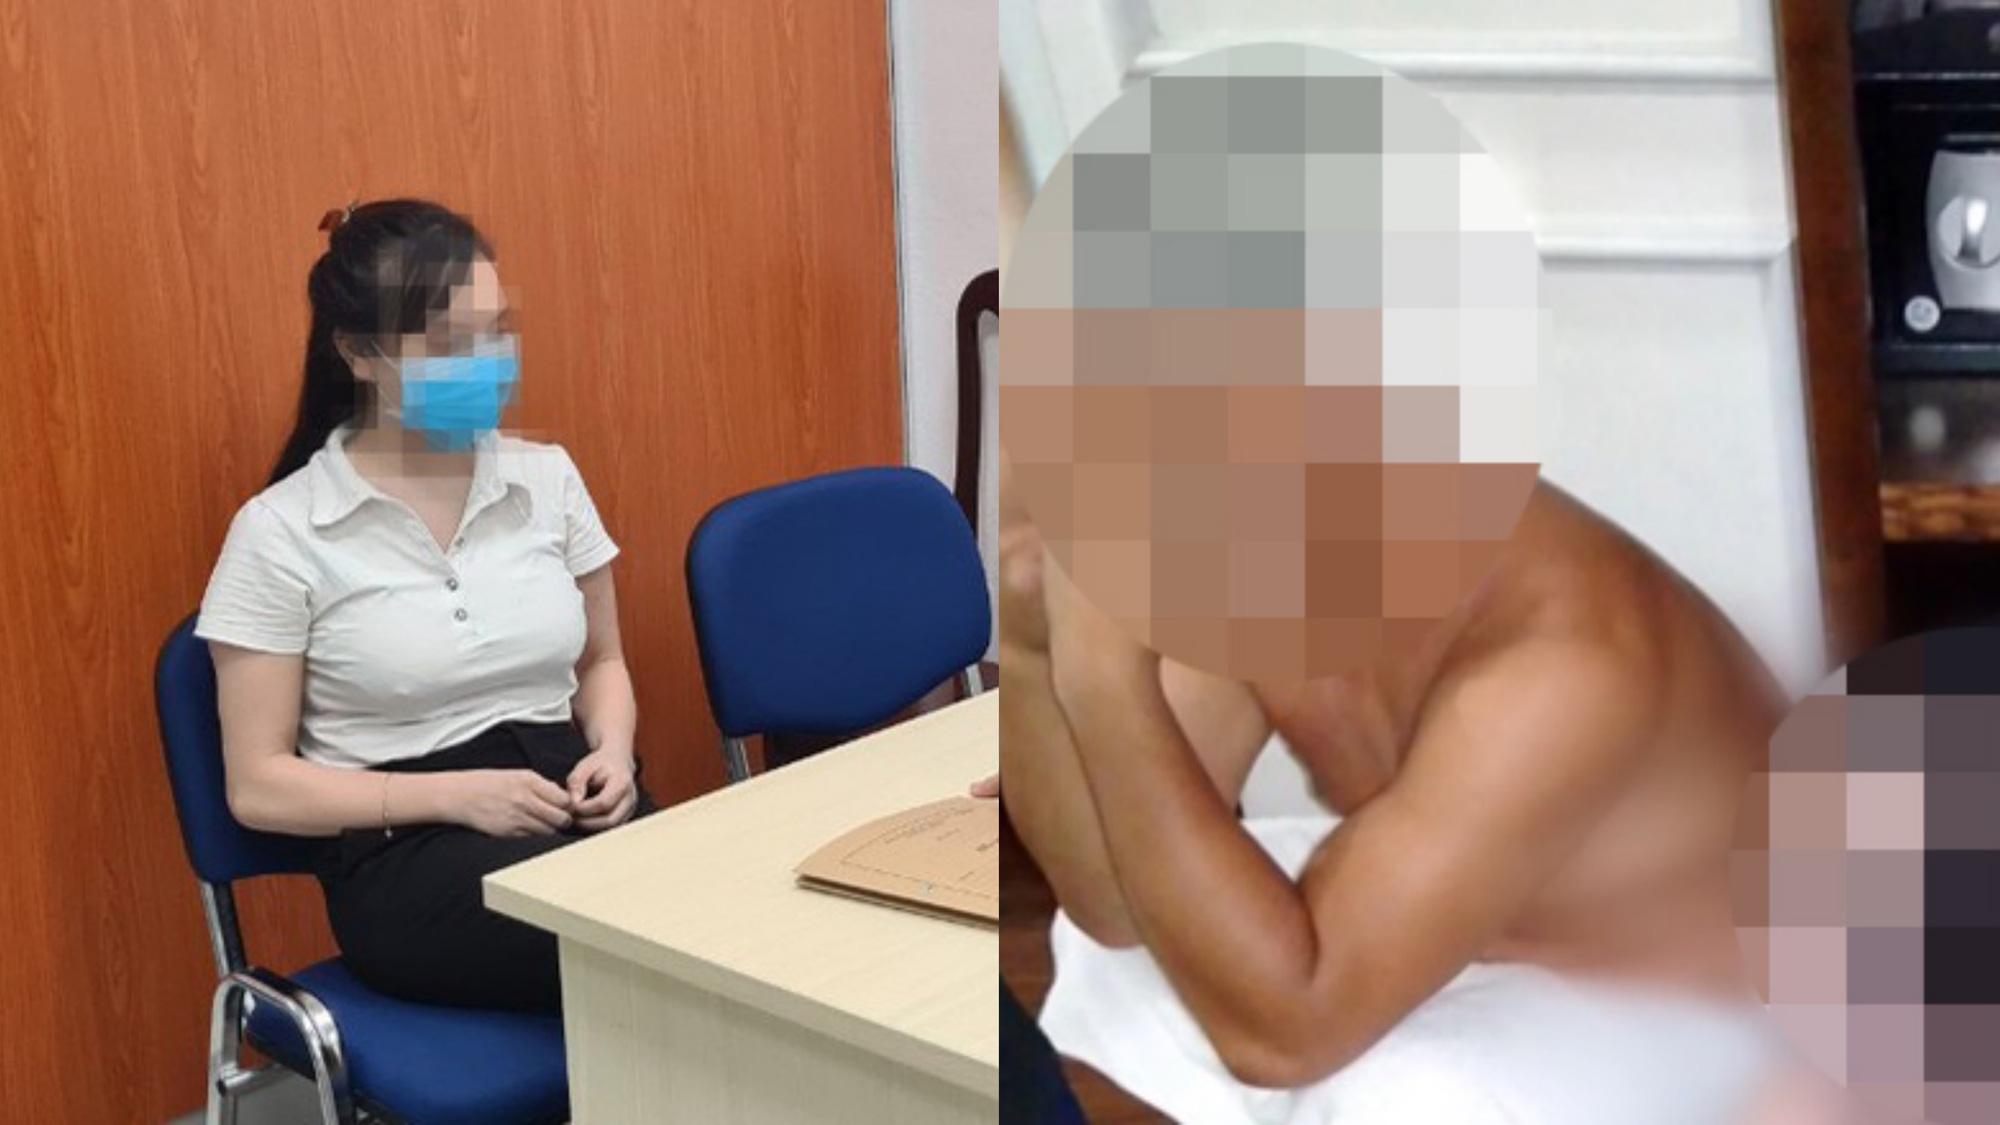 Bắt quả tang cô gái 32 tuổi bán dâm cho nam thanh niên 29 tuổi ở Hà Nội - Ảnh 1.